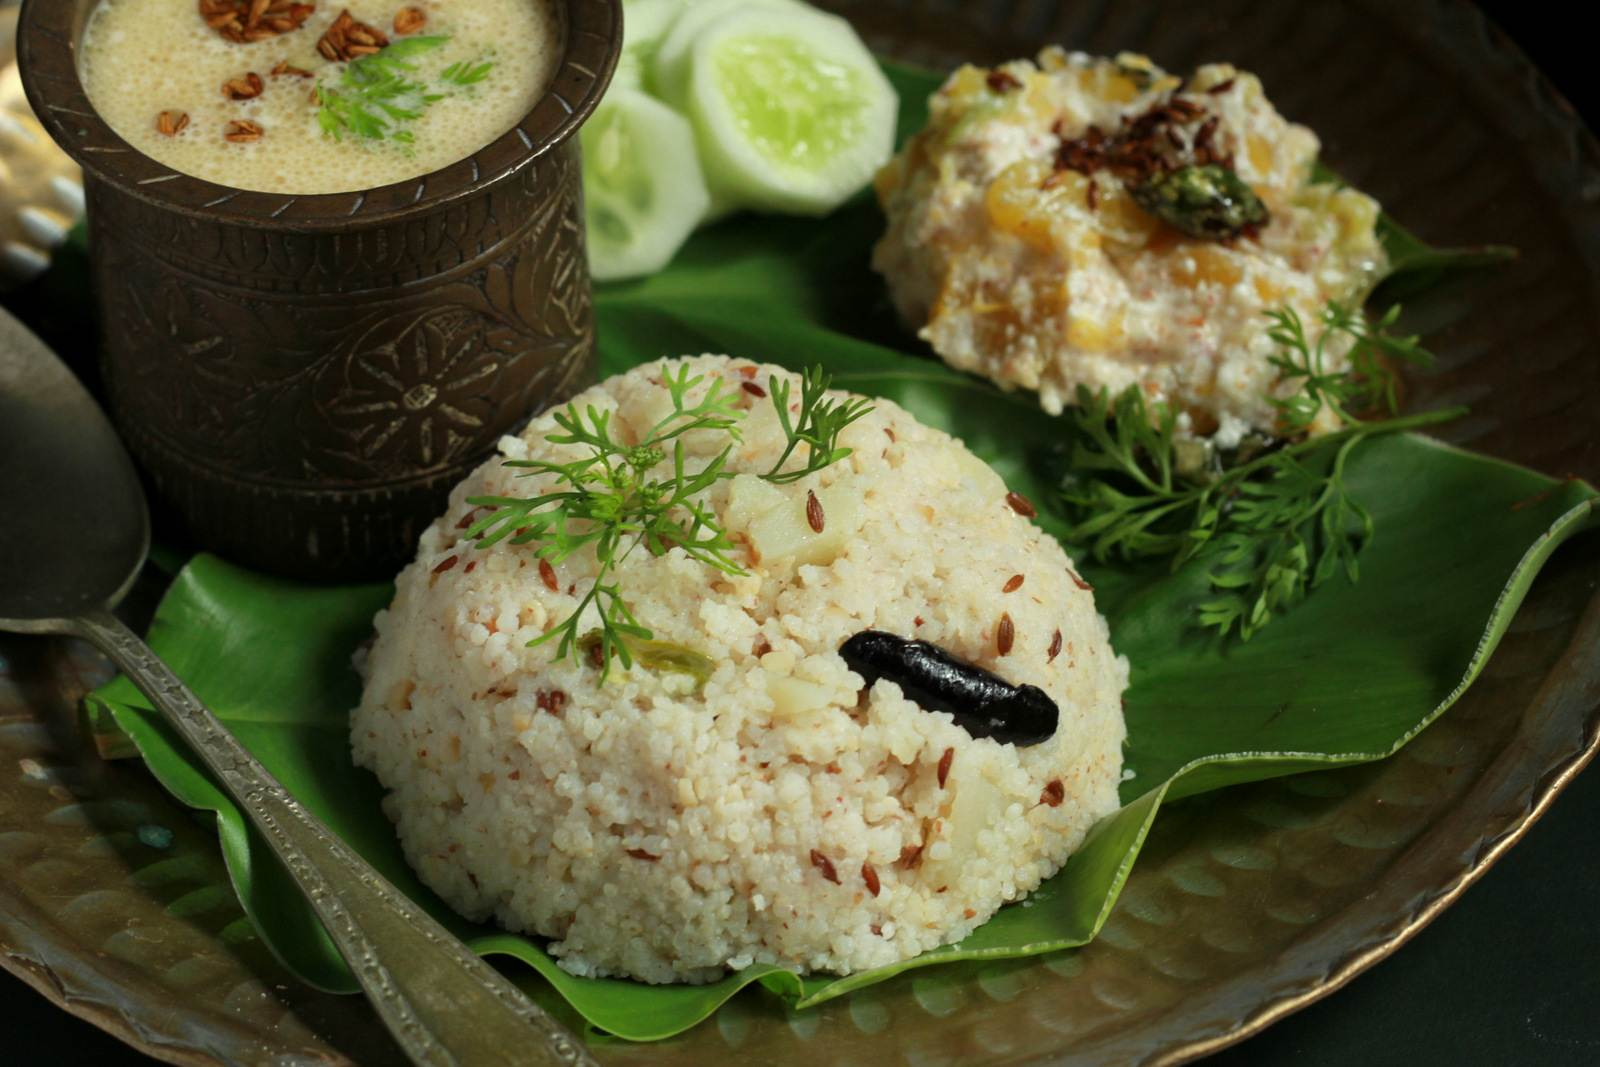 Bhagar recipe maharashtrian style spicy barnyard millet pulao by bhagar recipe maharashtrian style spicy barnyard millet pulao forumfinder Images